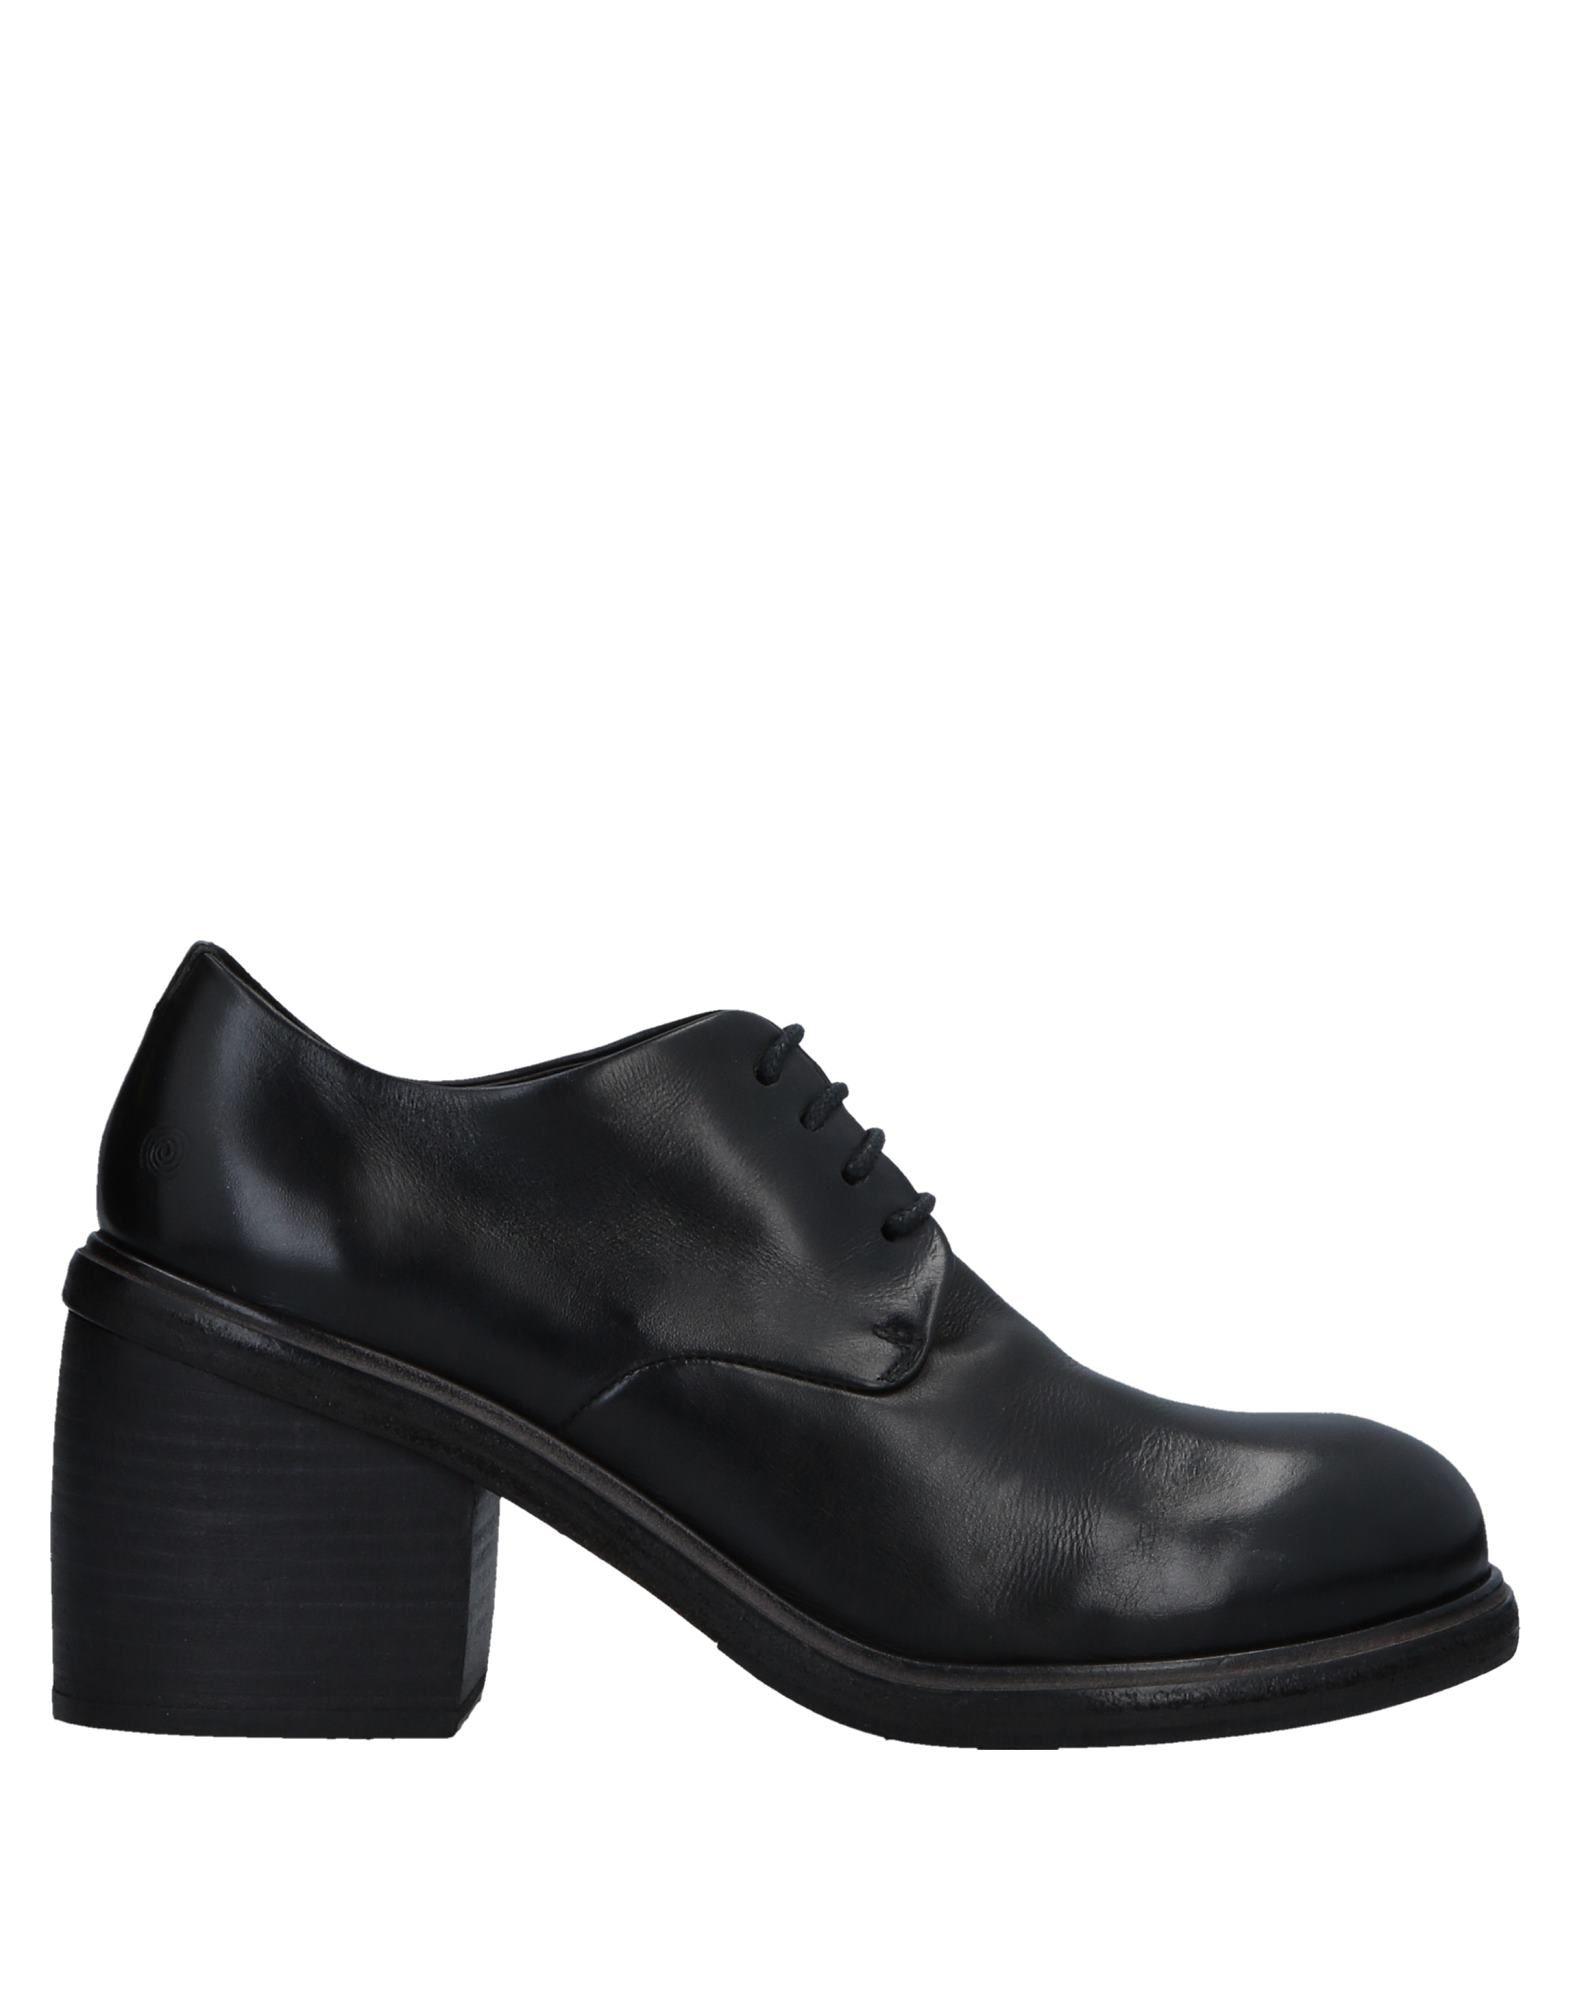 Sneakers Dsquared2 Uomo - 11428752VT Scarpe economiche e buone